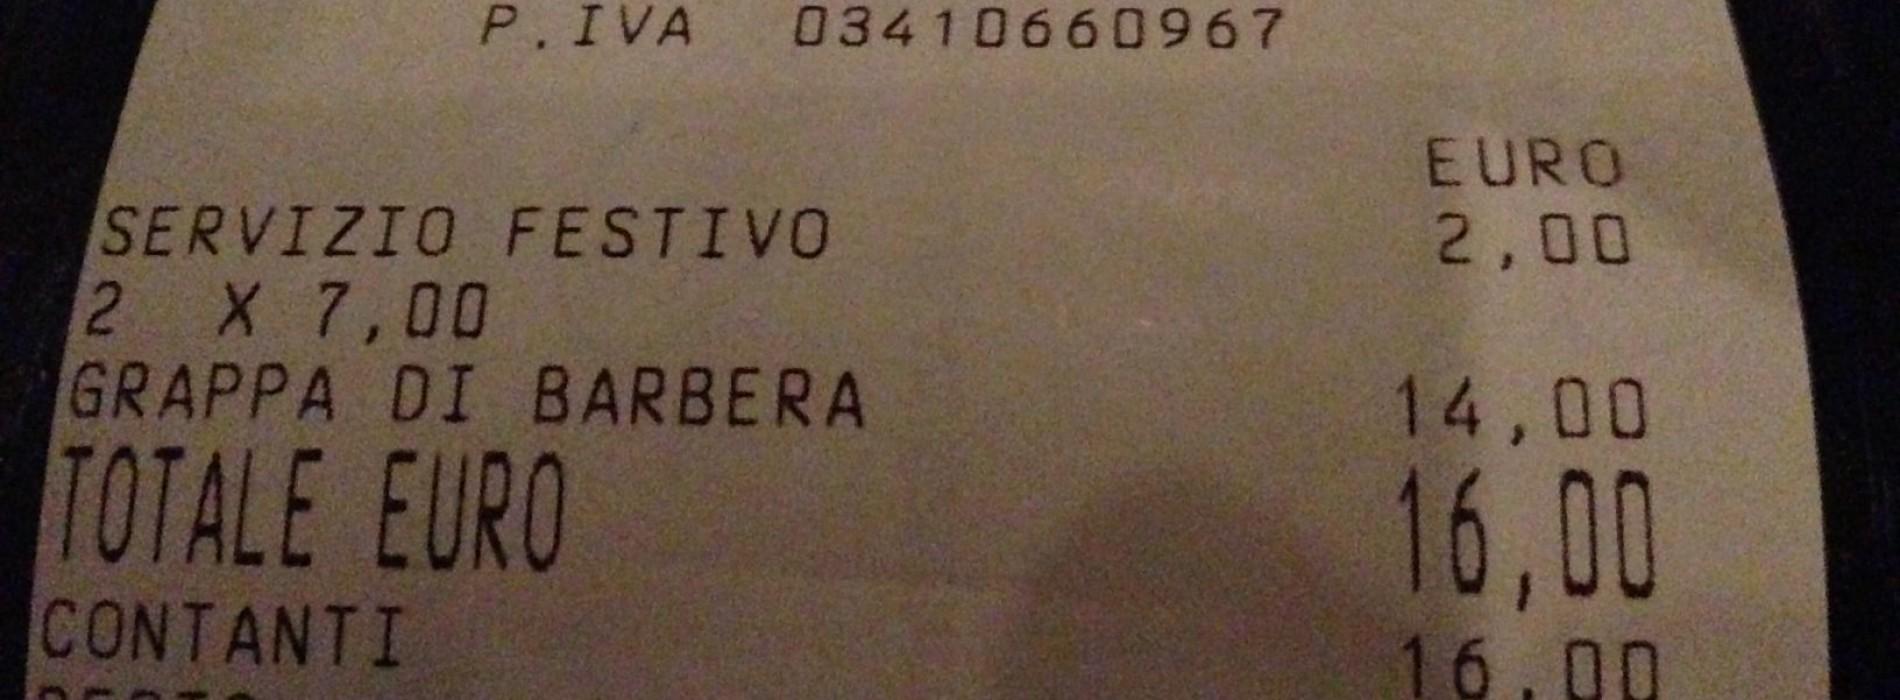 Servizio festivo, ora ai bar si paga una tassa aggiuntiva come con i taxi. Dove andremo a finire? (a casa, a sorseggiare acqua del rubinetto)